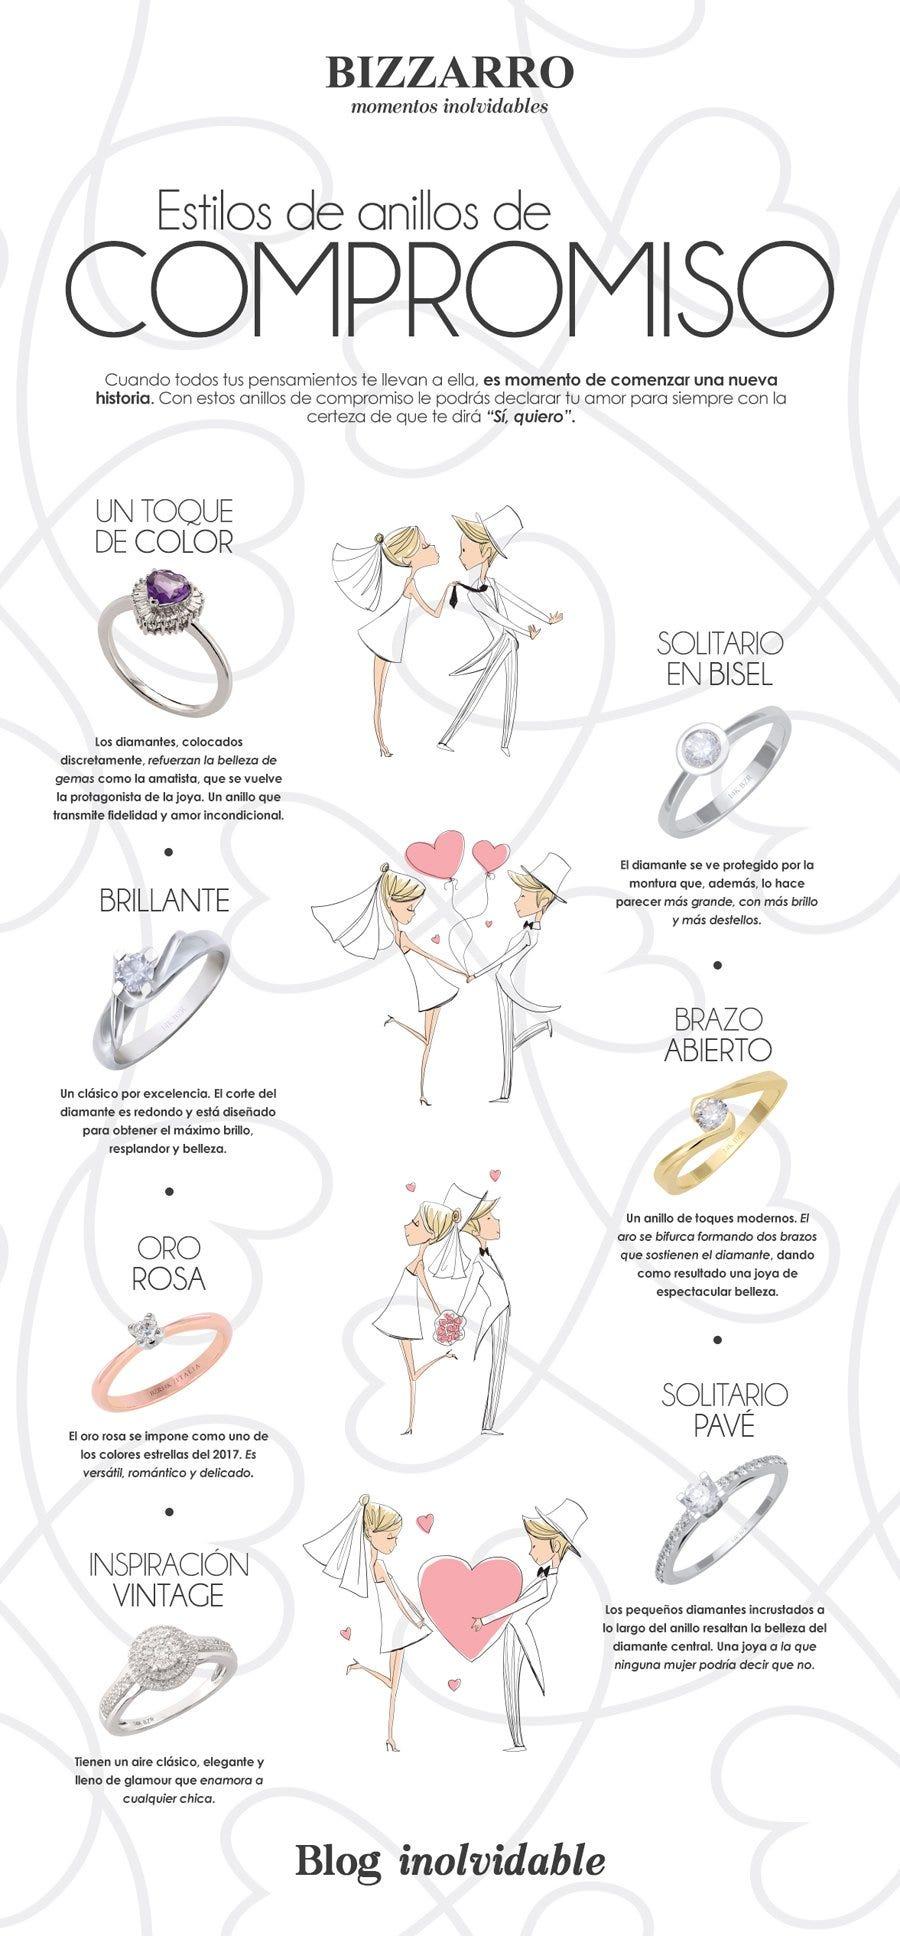 Estilos de anillos de compromiso